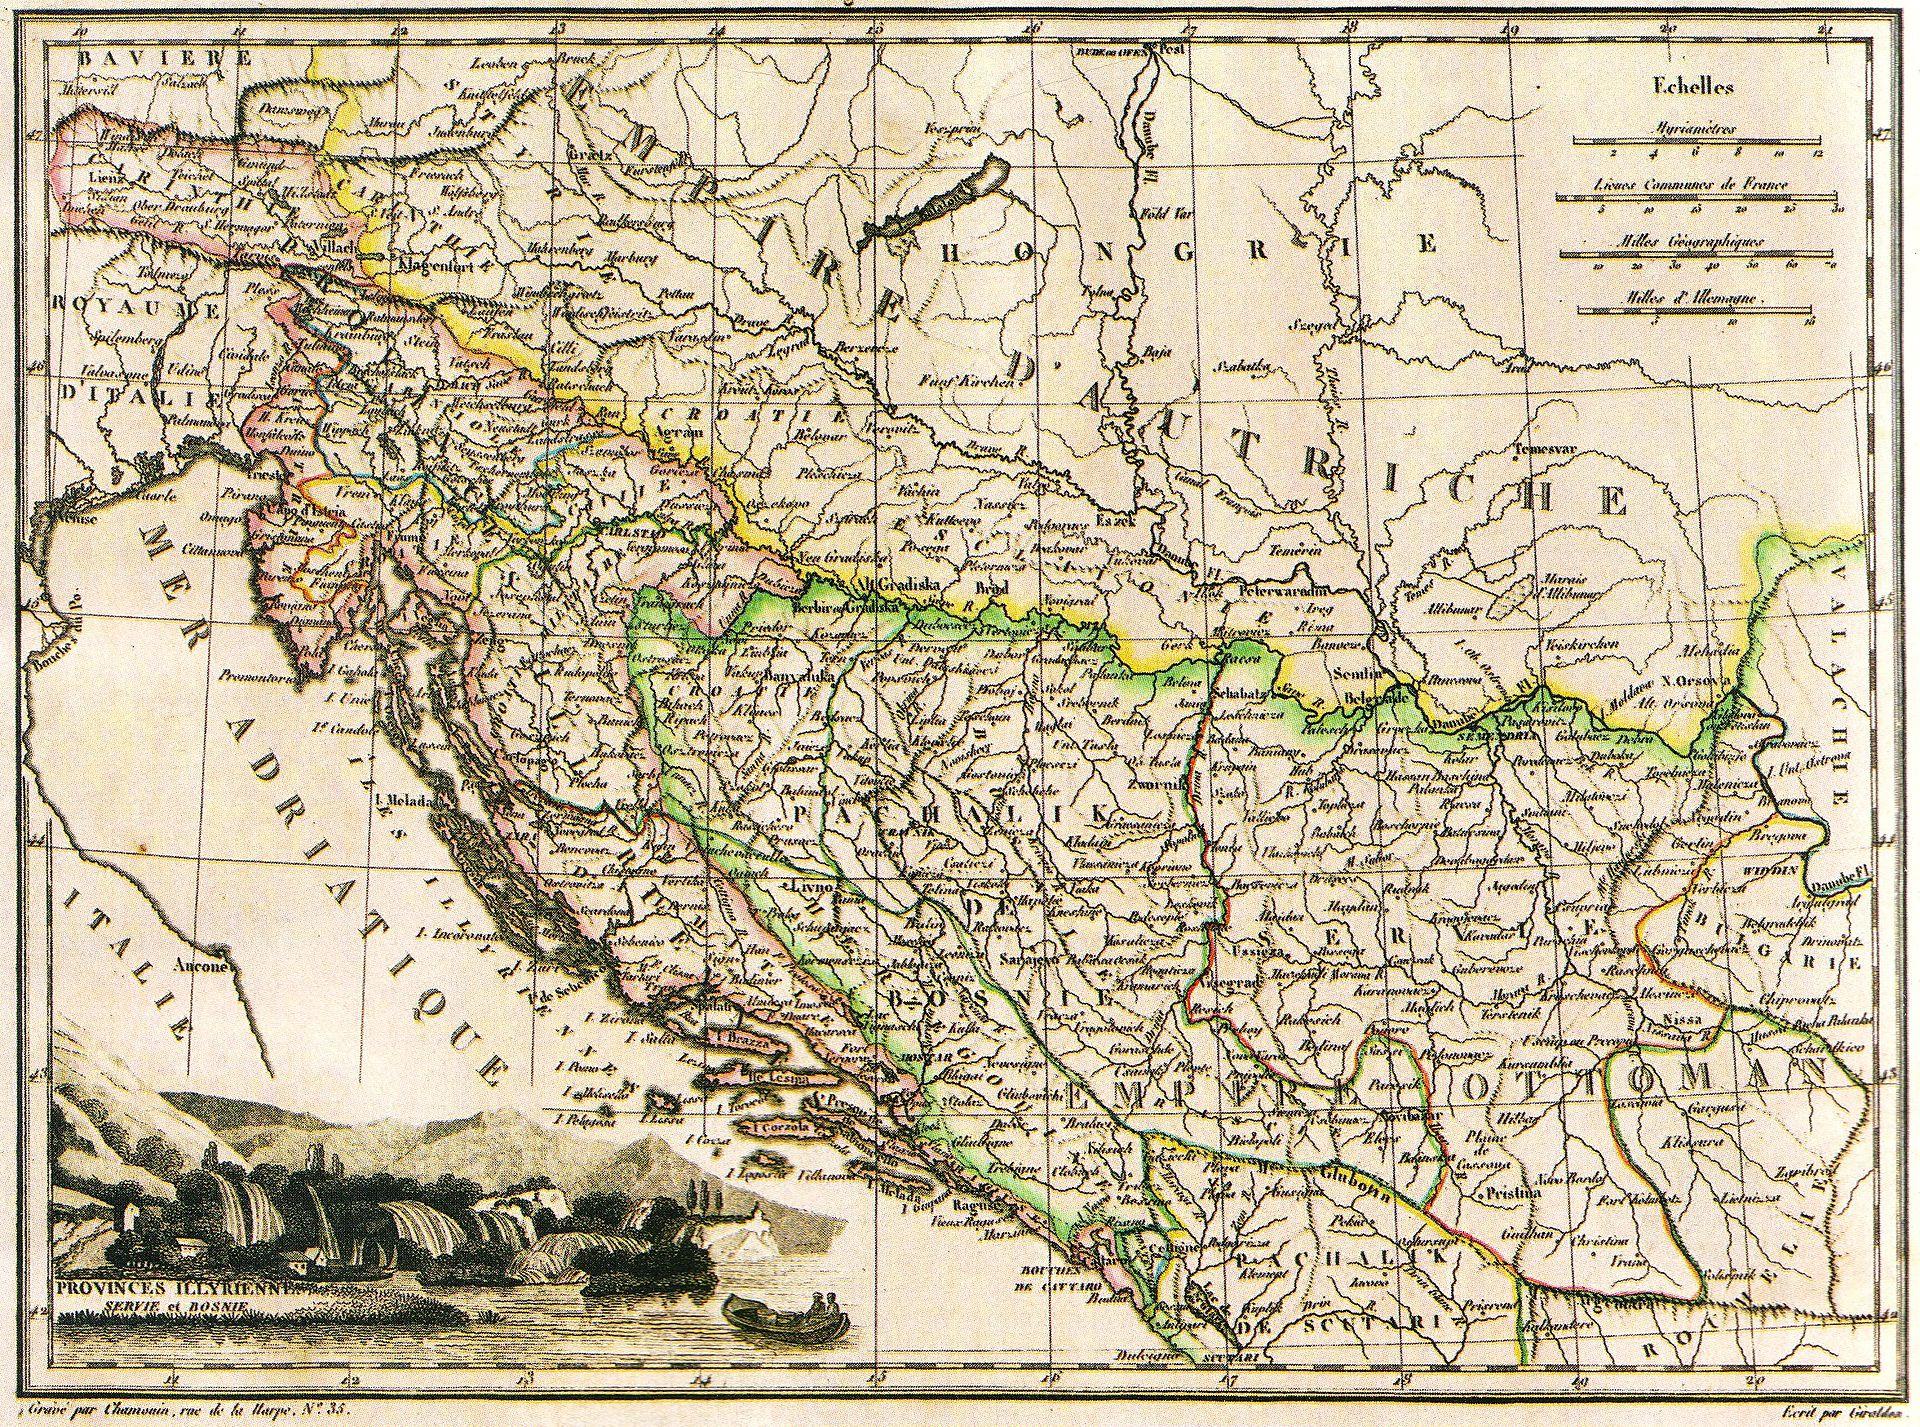 Zemljevid Ilirskih provinc